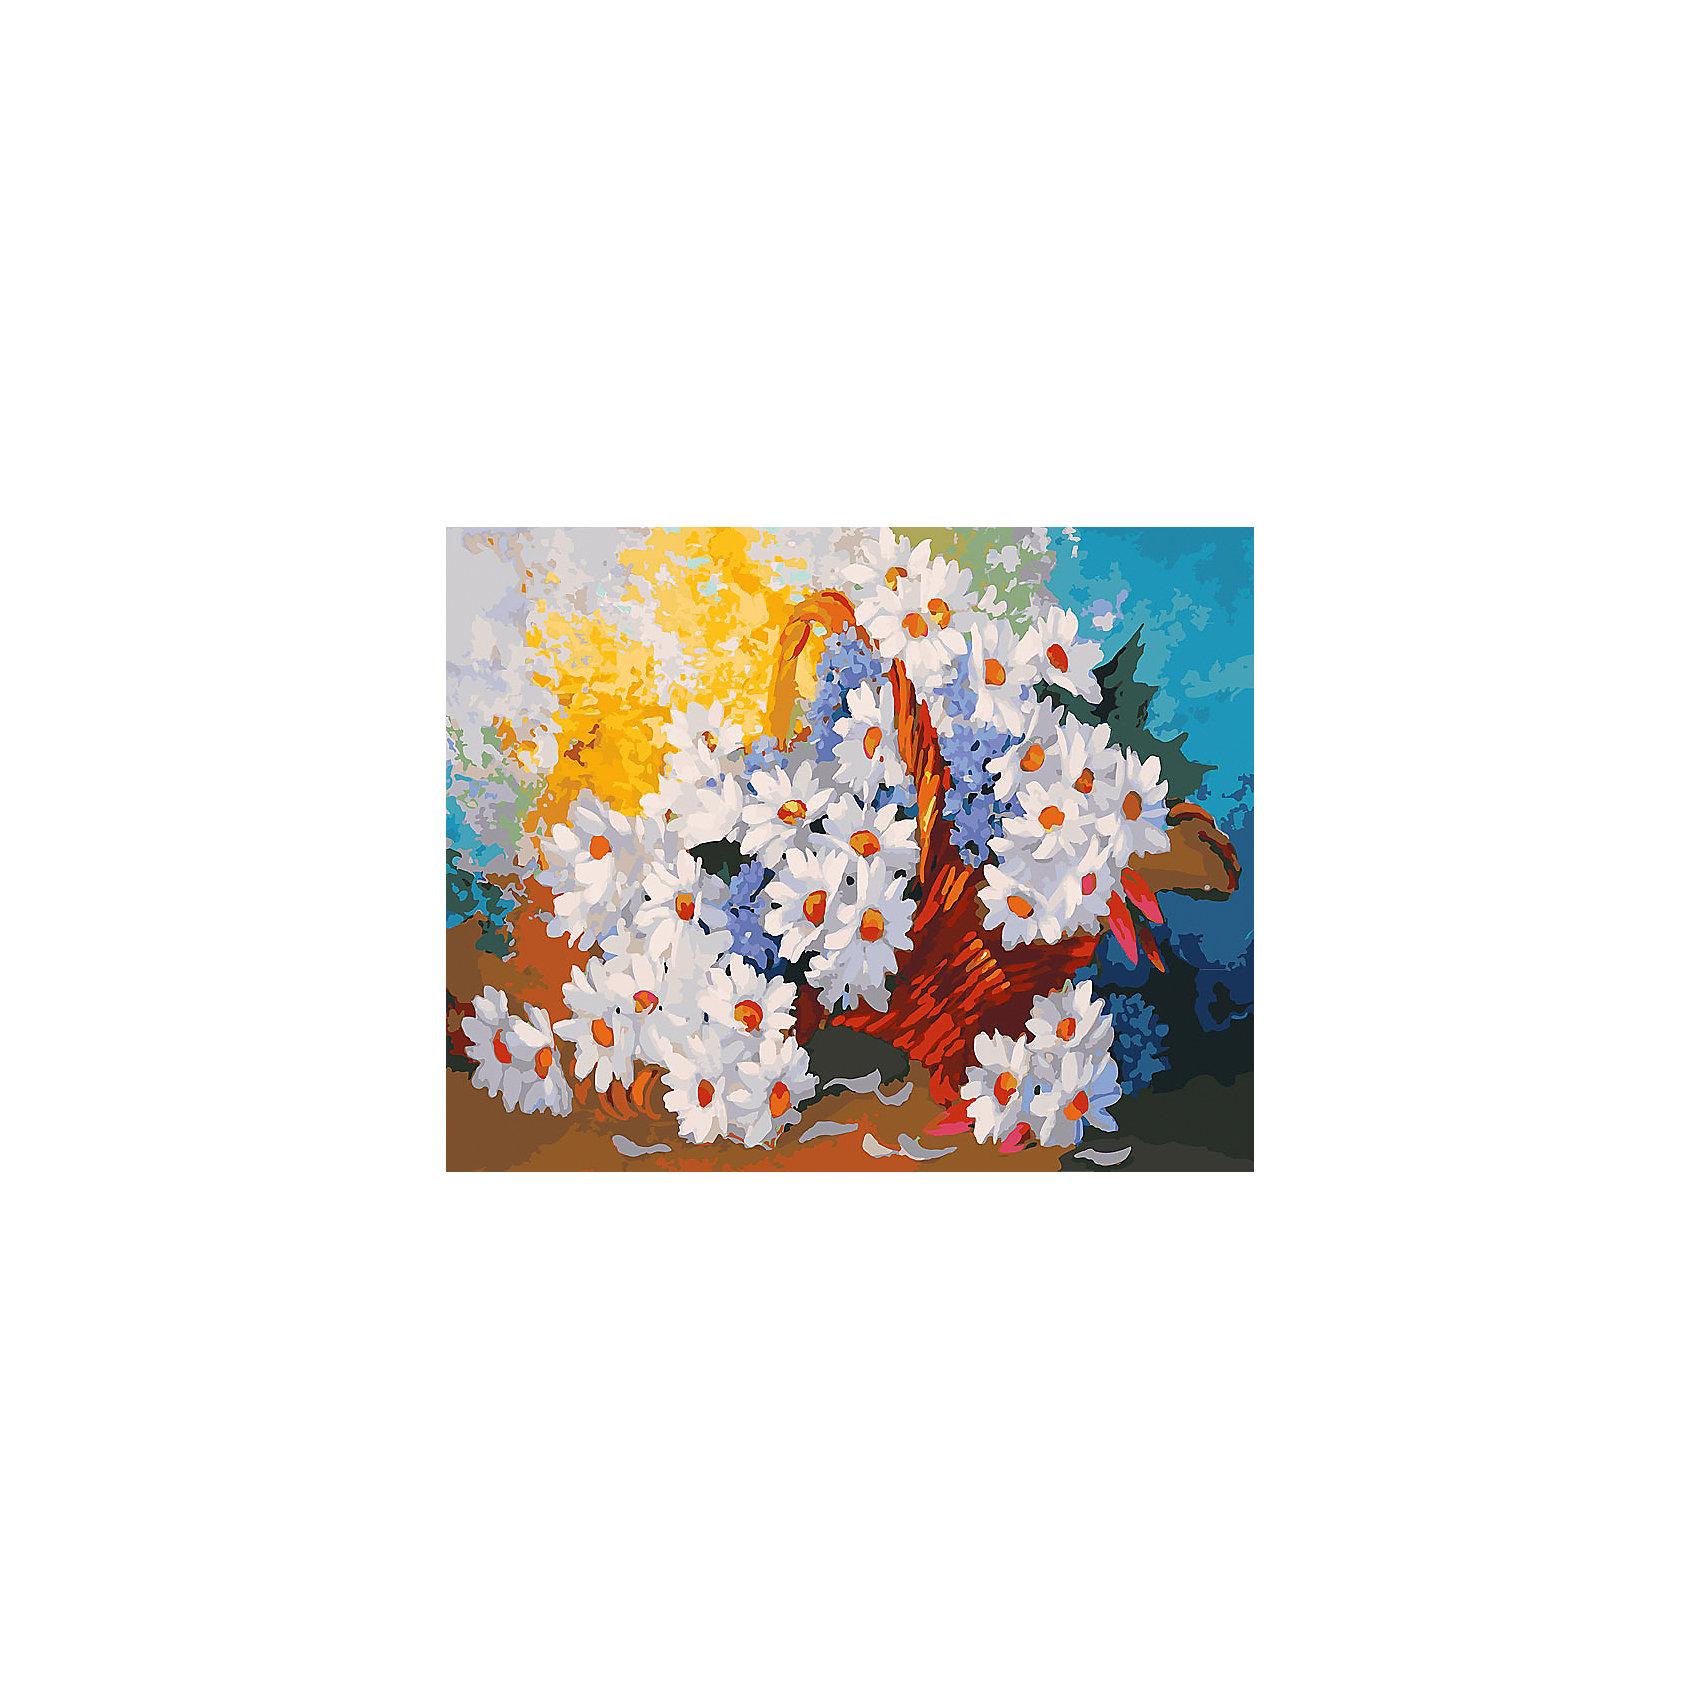 Живопись на холсте 40*50 см Корзинка с ромашкамиРисование<br>Характеристики товара:<br><br>• цвет: разноцветный<br>• материал: акрил, картон<br>• размер: 50 x 40 см<br>• комплектация: полотно на подрамнике с контурами рисунка, пробный лист с рисунком, набор акриловых красок, три кисти, крепление на стену для картины<br>• для детей от шести лет и взрослых<br>• не требует специальных навыков<br>• страна бренда: Китай<br>• страна изготовитель: Китай<br><br>Такой набор станет отличным подарком и для взрослого, и для ребенка! Рисование помогает развить различные навыки и просто приносит удовольствие! Чтобы вселить в ребенка уверенность в своих силах, можно предложить ему этот набор - в нем уже есть сюжет, контуры рисунка и участки с номерами, которые обозначают определенную краску из набора. Все оттенки уже готовы, задача художника - аккуратно, с помощью кисточек из набора, нанести краски на определенный участок полотна.<br>Взрослым также понравится этот процесс, рисовать можно и вместе с малышом! В итоге получается красивая картина, которой можно украсить интерьер. Рисование способствует развитию мелкой моторики, воображения, цветовосприятия, творческих способностей и усидчивости. Набор отлично проработан, сделан из качественных и проверенных материалов, которые безопасны для детей. Краски - акриловые, они быстро сохнут и легко смываются с кожи.<br><br>Живопись на холсте 40*50 см Корзинка с ромашками от торговой марки Белоснежка можно купить в нашем интернет-магазине.<br><br>Ширина мм: 510<br>Глубина мм: 410<br>Высота мм: 25<br>Вес г: 850<br>Возраст от месяцев: 72<br>Возраст до месяцев: 144<br>Пол: Унисекс<br>Возраст: Детский<br>SKU: 5089726